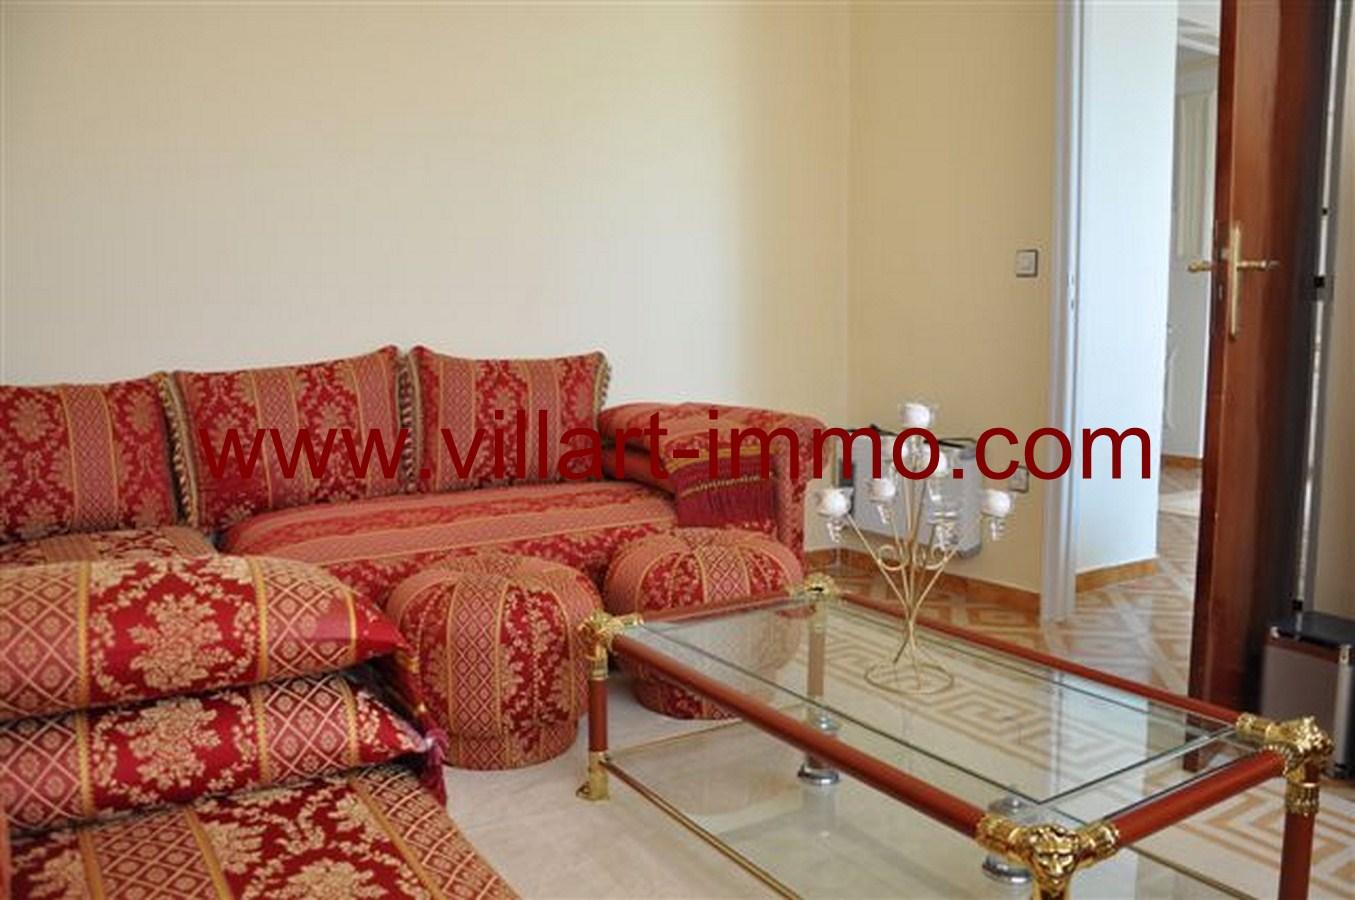 3-Appartement-Meublé-Sejour-Tanger-agence immobilière-villartimmo